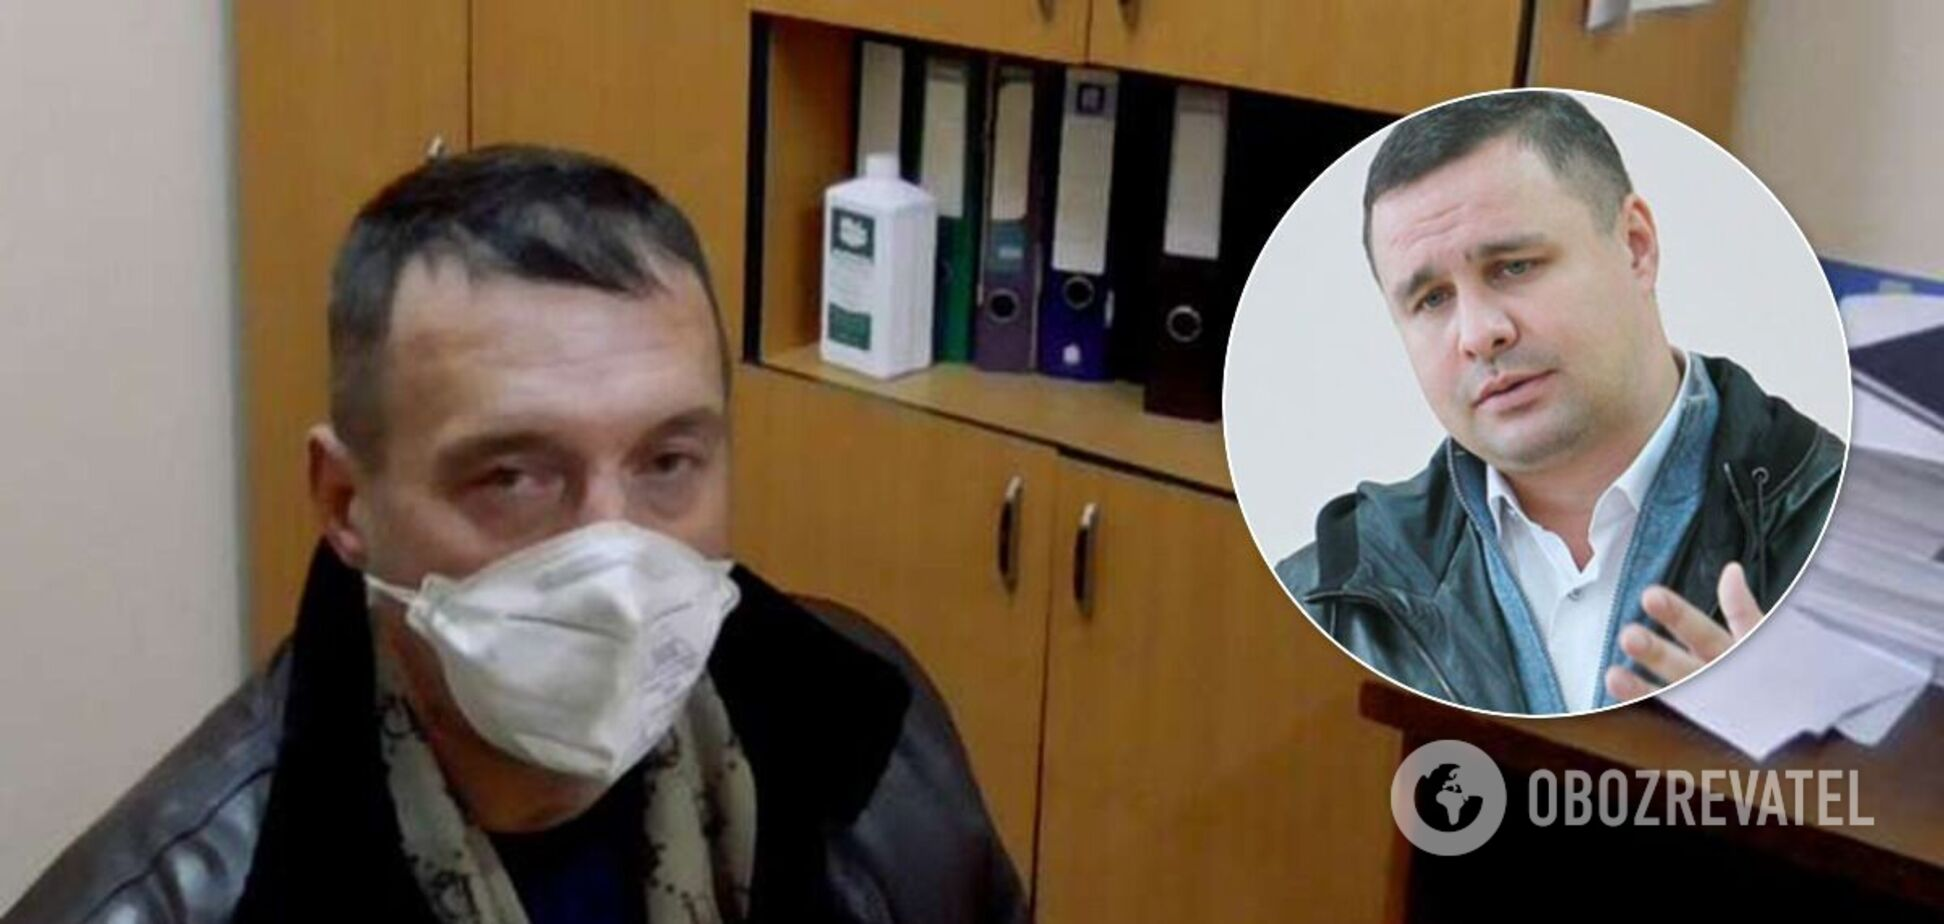 Юрист рассказал о планах Микитася похитить мэра Чернигова